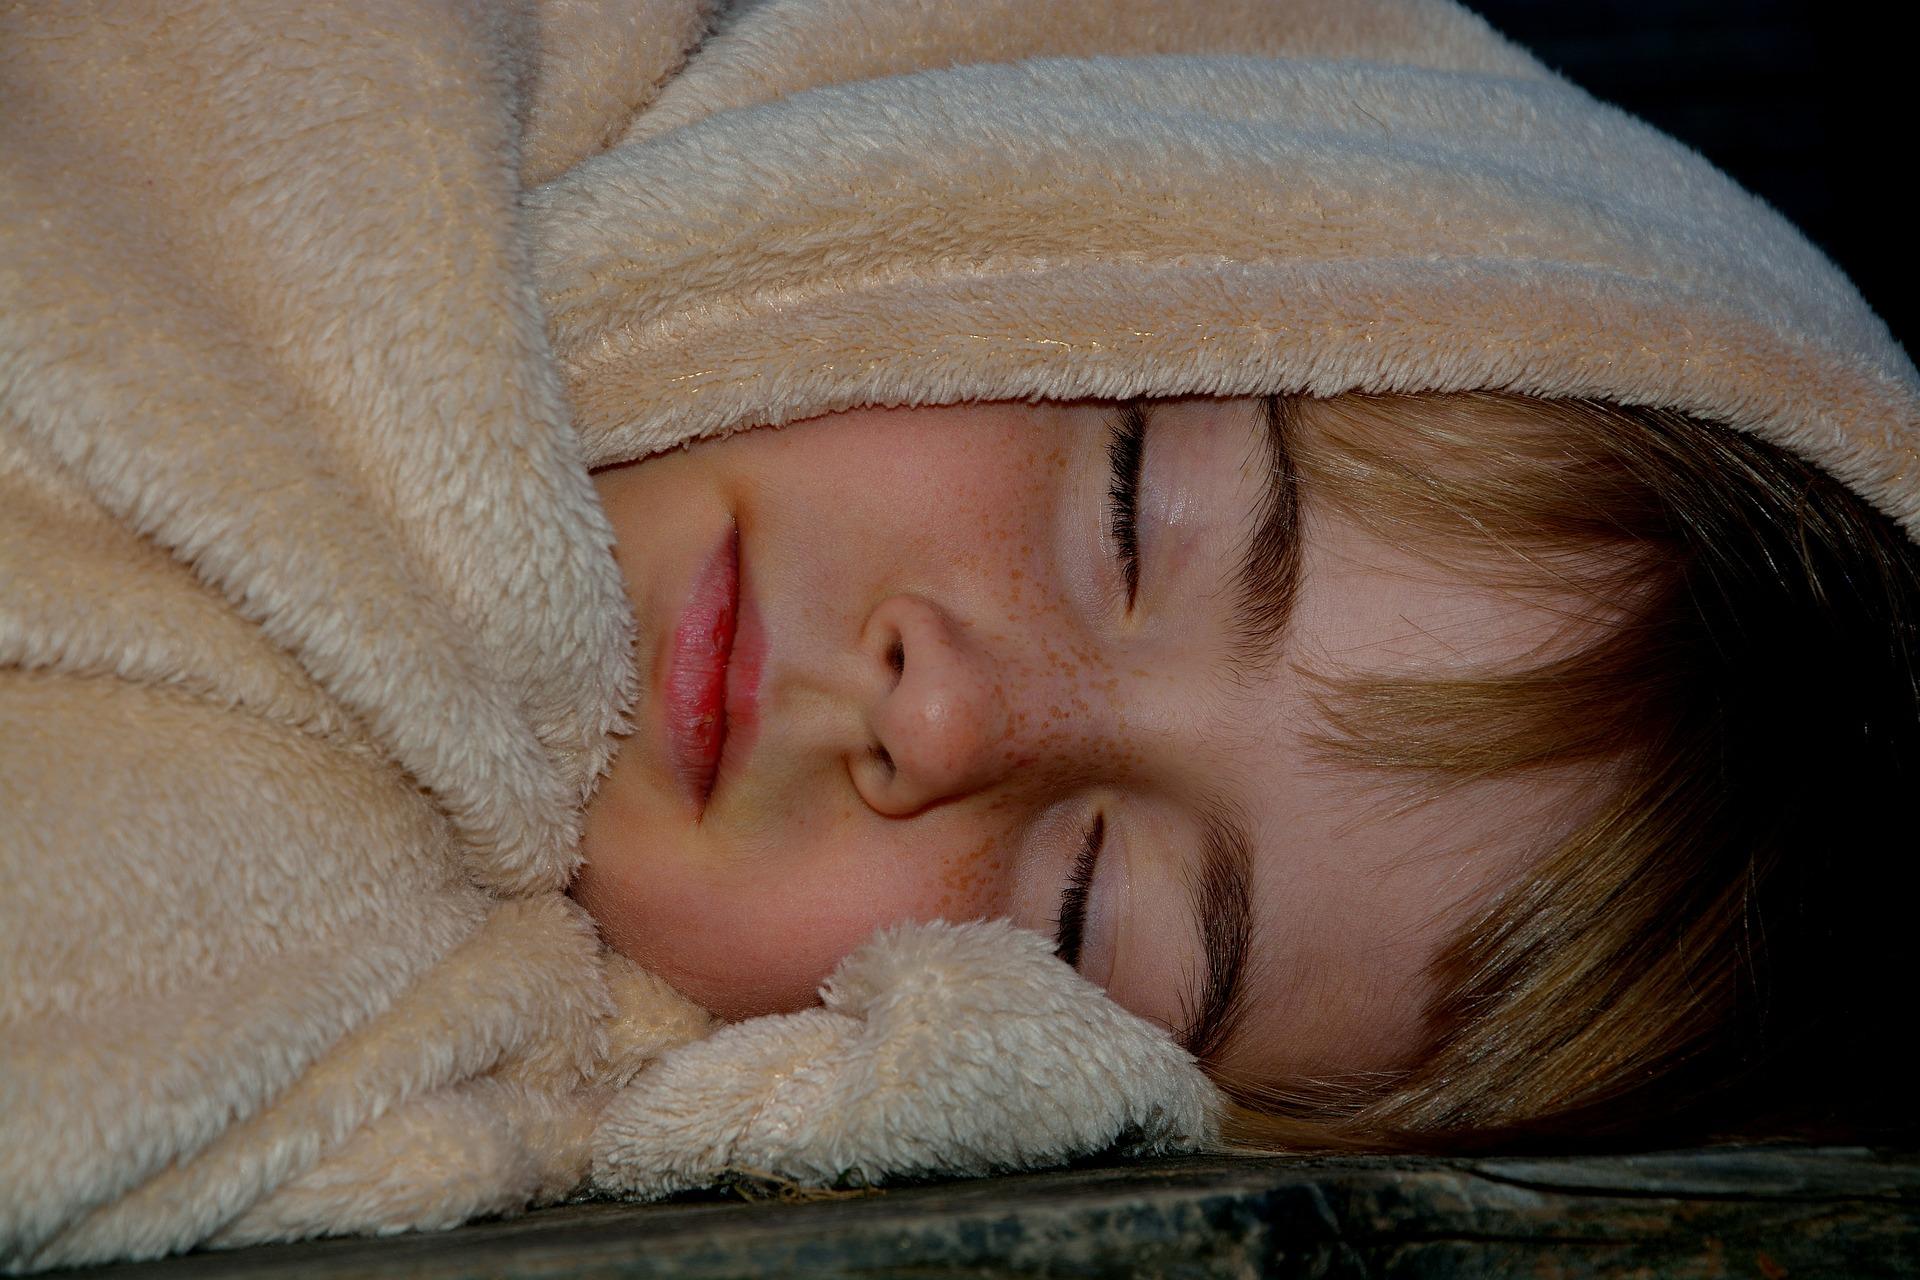 安眠するための科学的な方法。